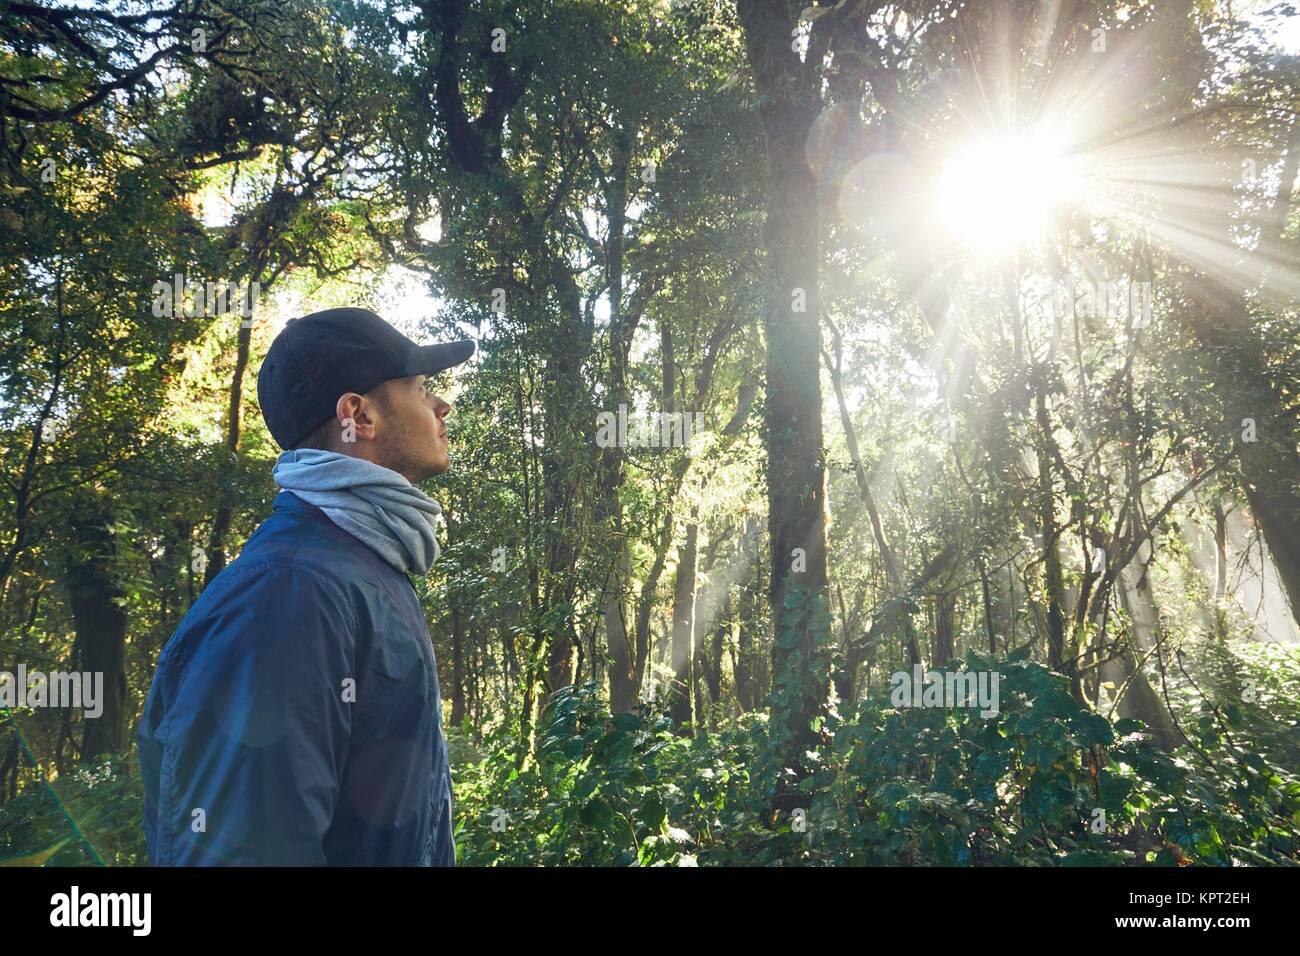 Randonnée pédestre au lever du soleil. Jeune homme (meilleur) Balade en forêt tropicale en Thaïlande Photo Stock